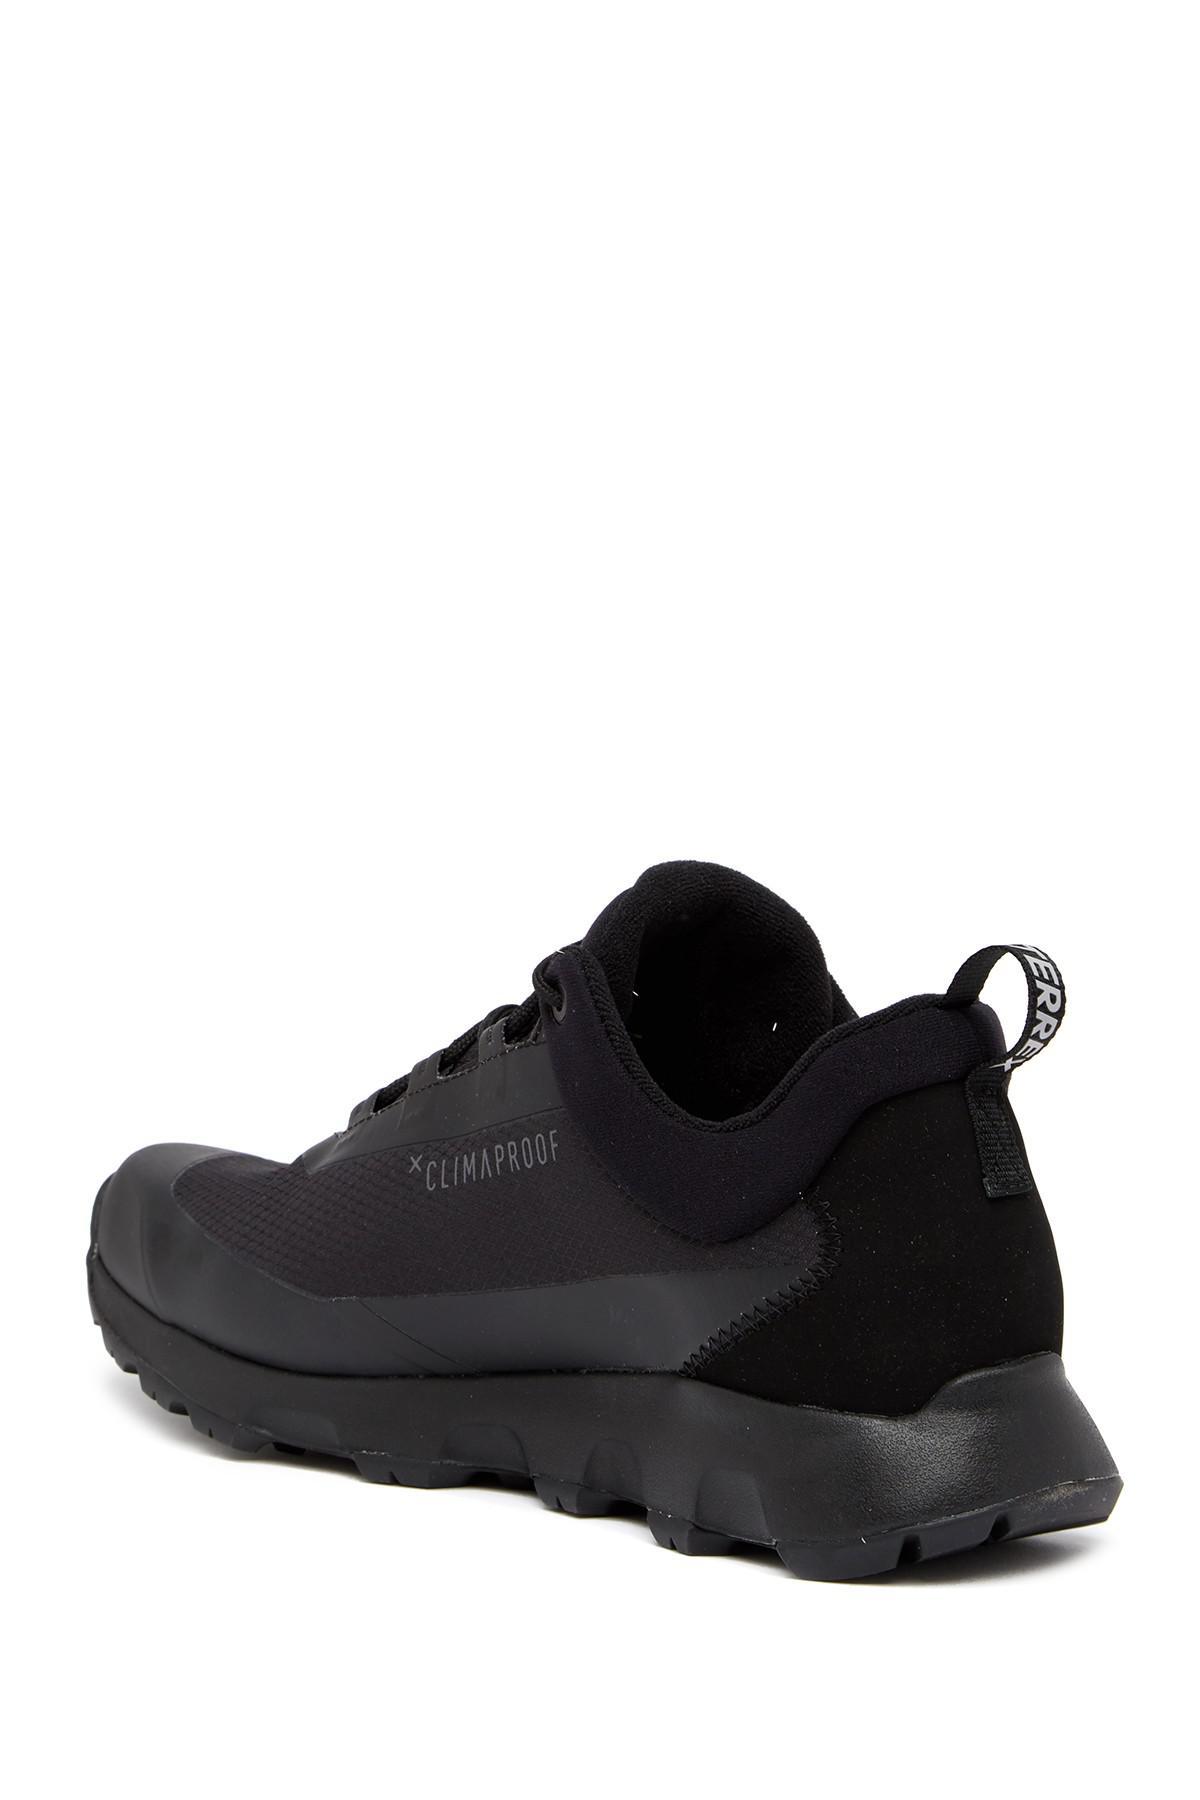 Lyst adidas terrex voyager cw cp scarpe da ginnastica in nero per gli uomini.